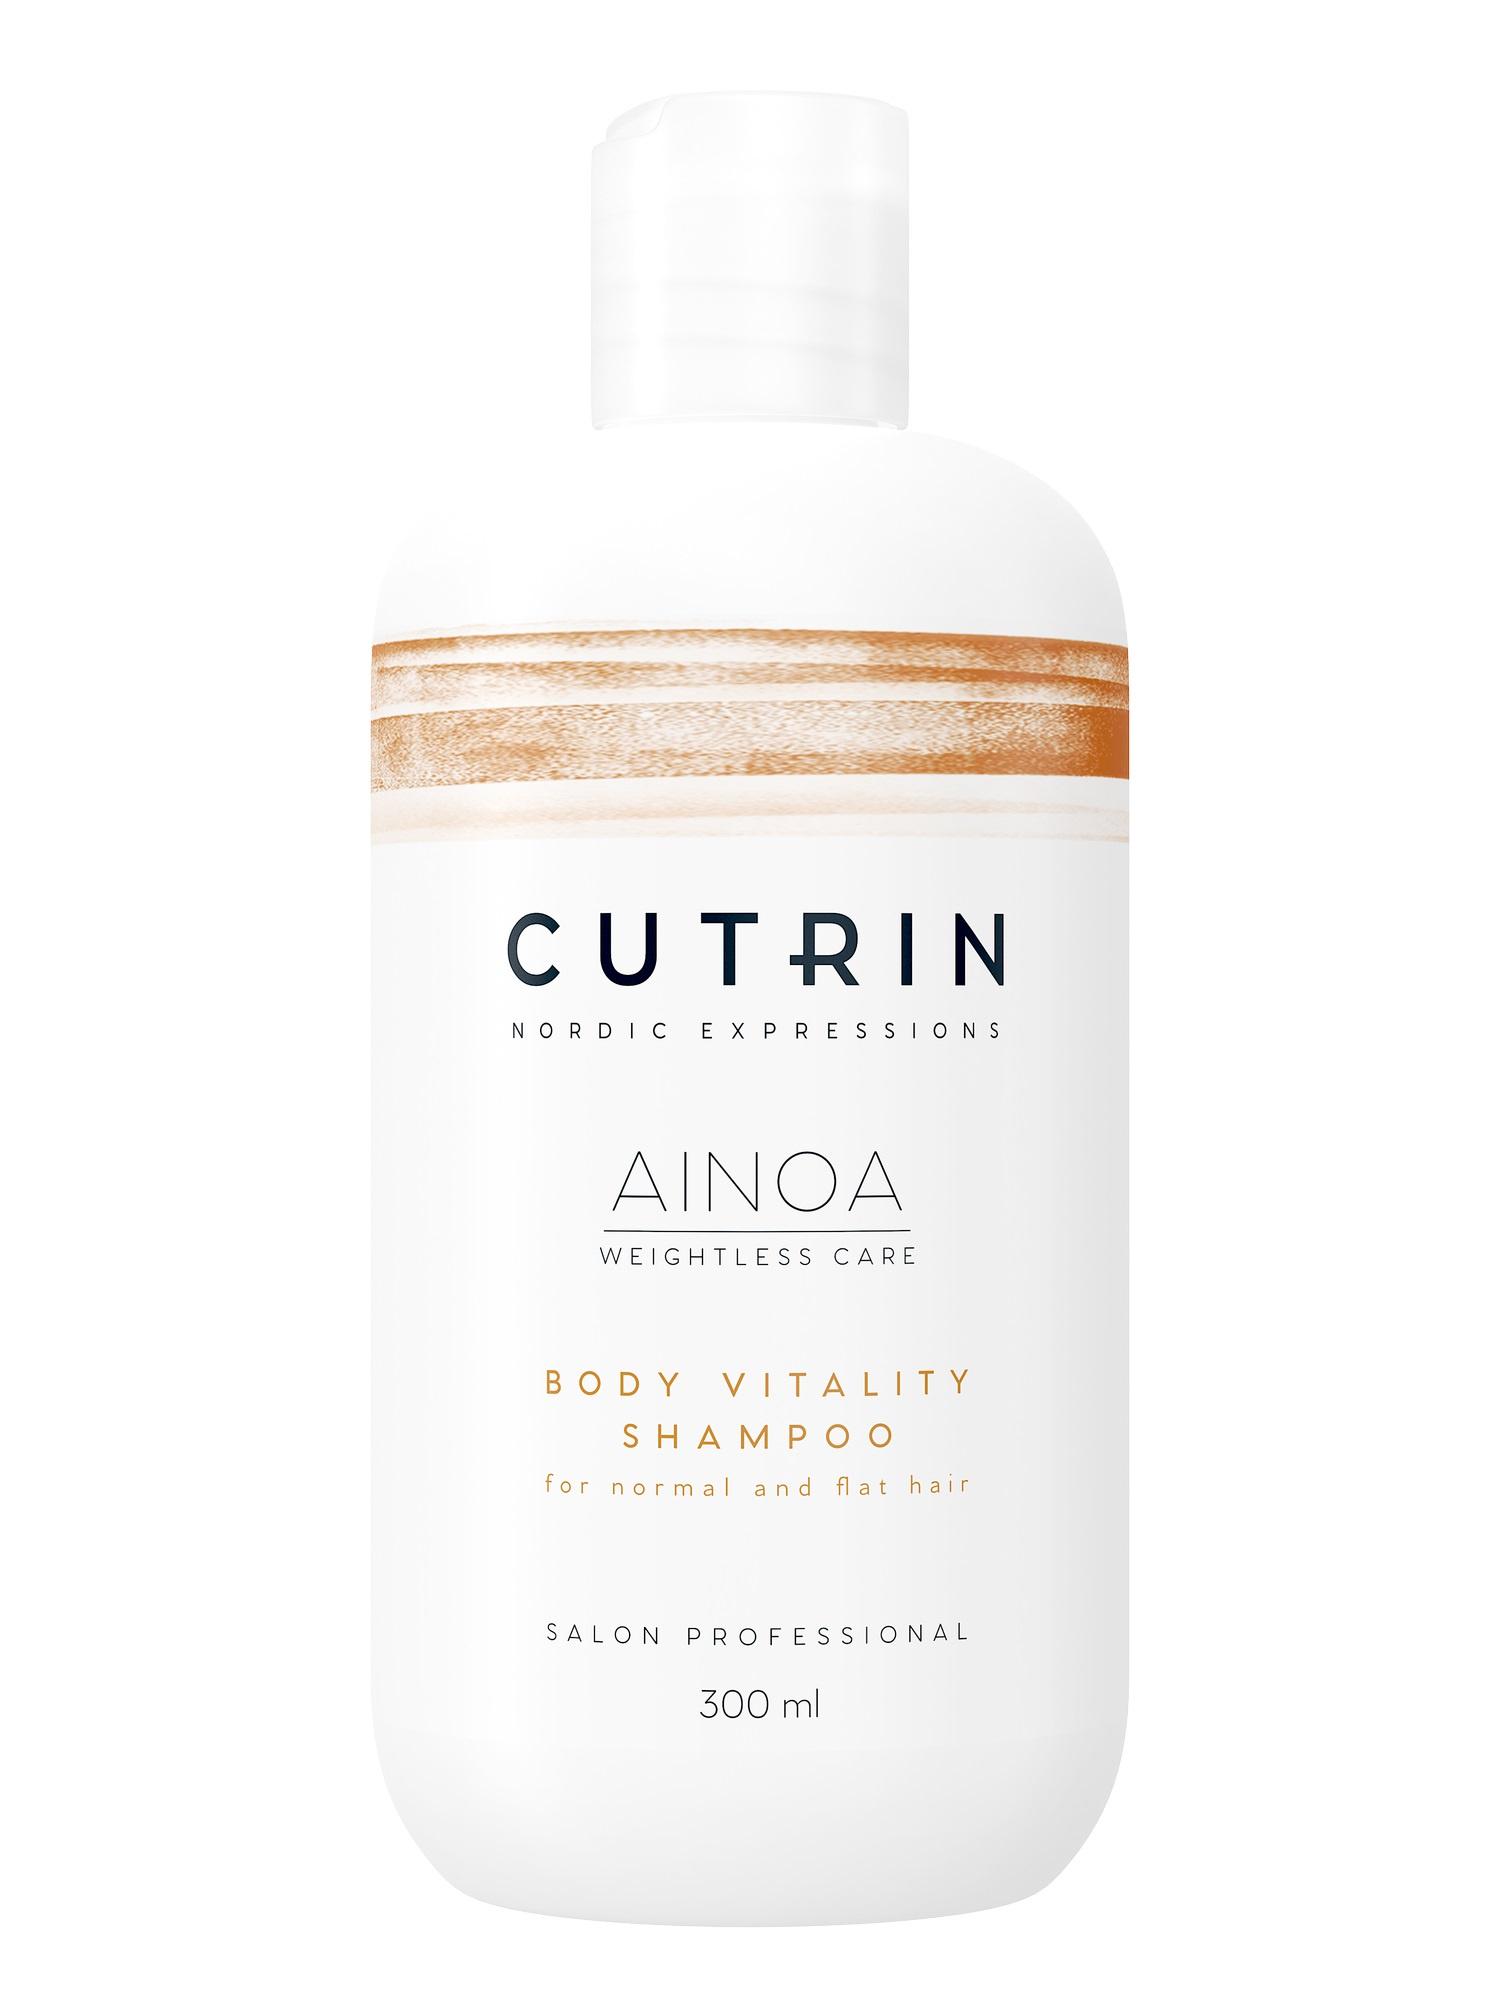 Шампунь для волос CUTRIN AINOA для укрепления волос body vitality 300 мл cutrin шампунь для волос и тела 300 мл